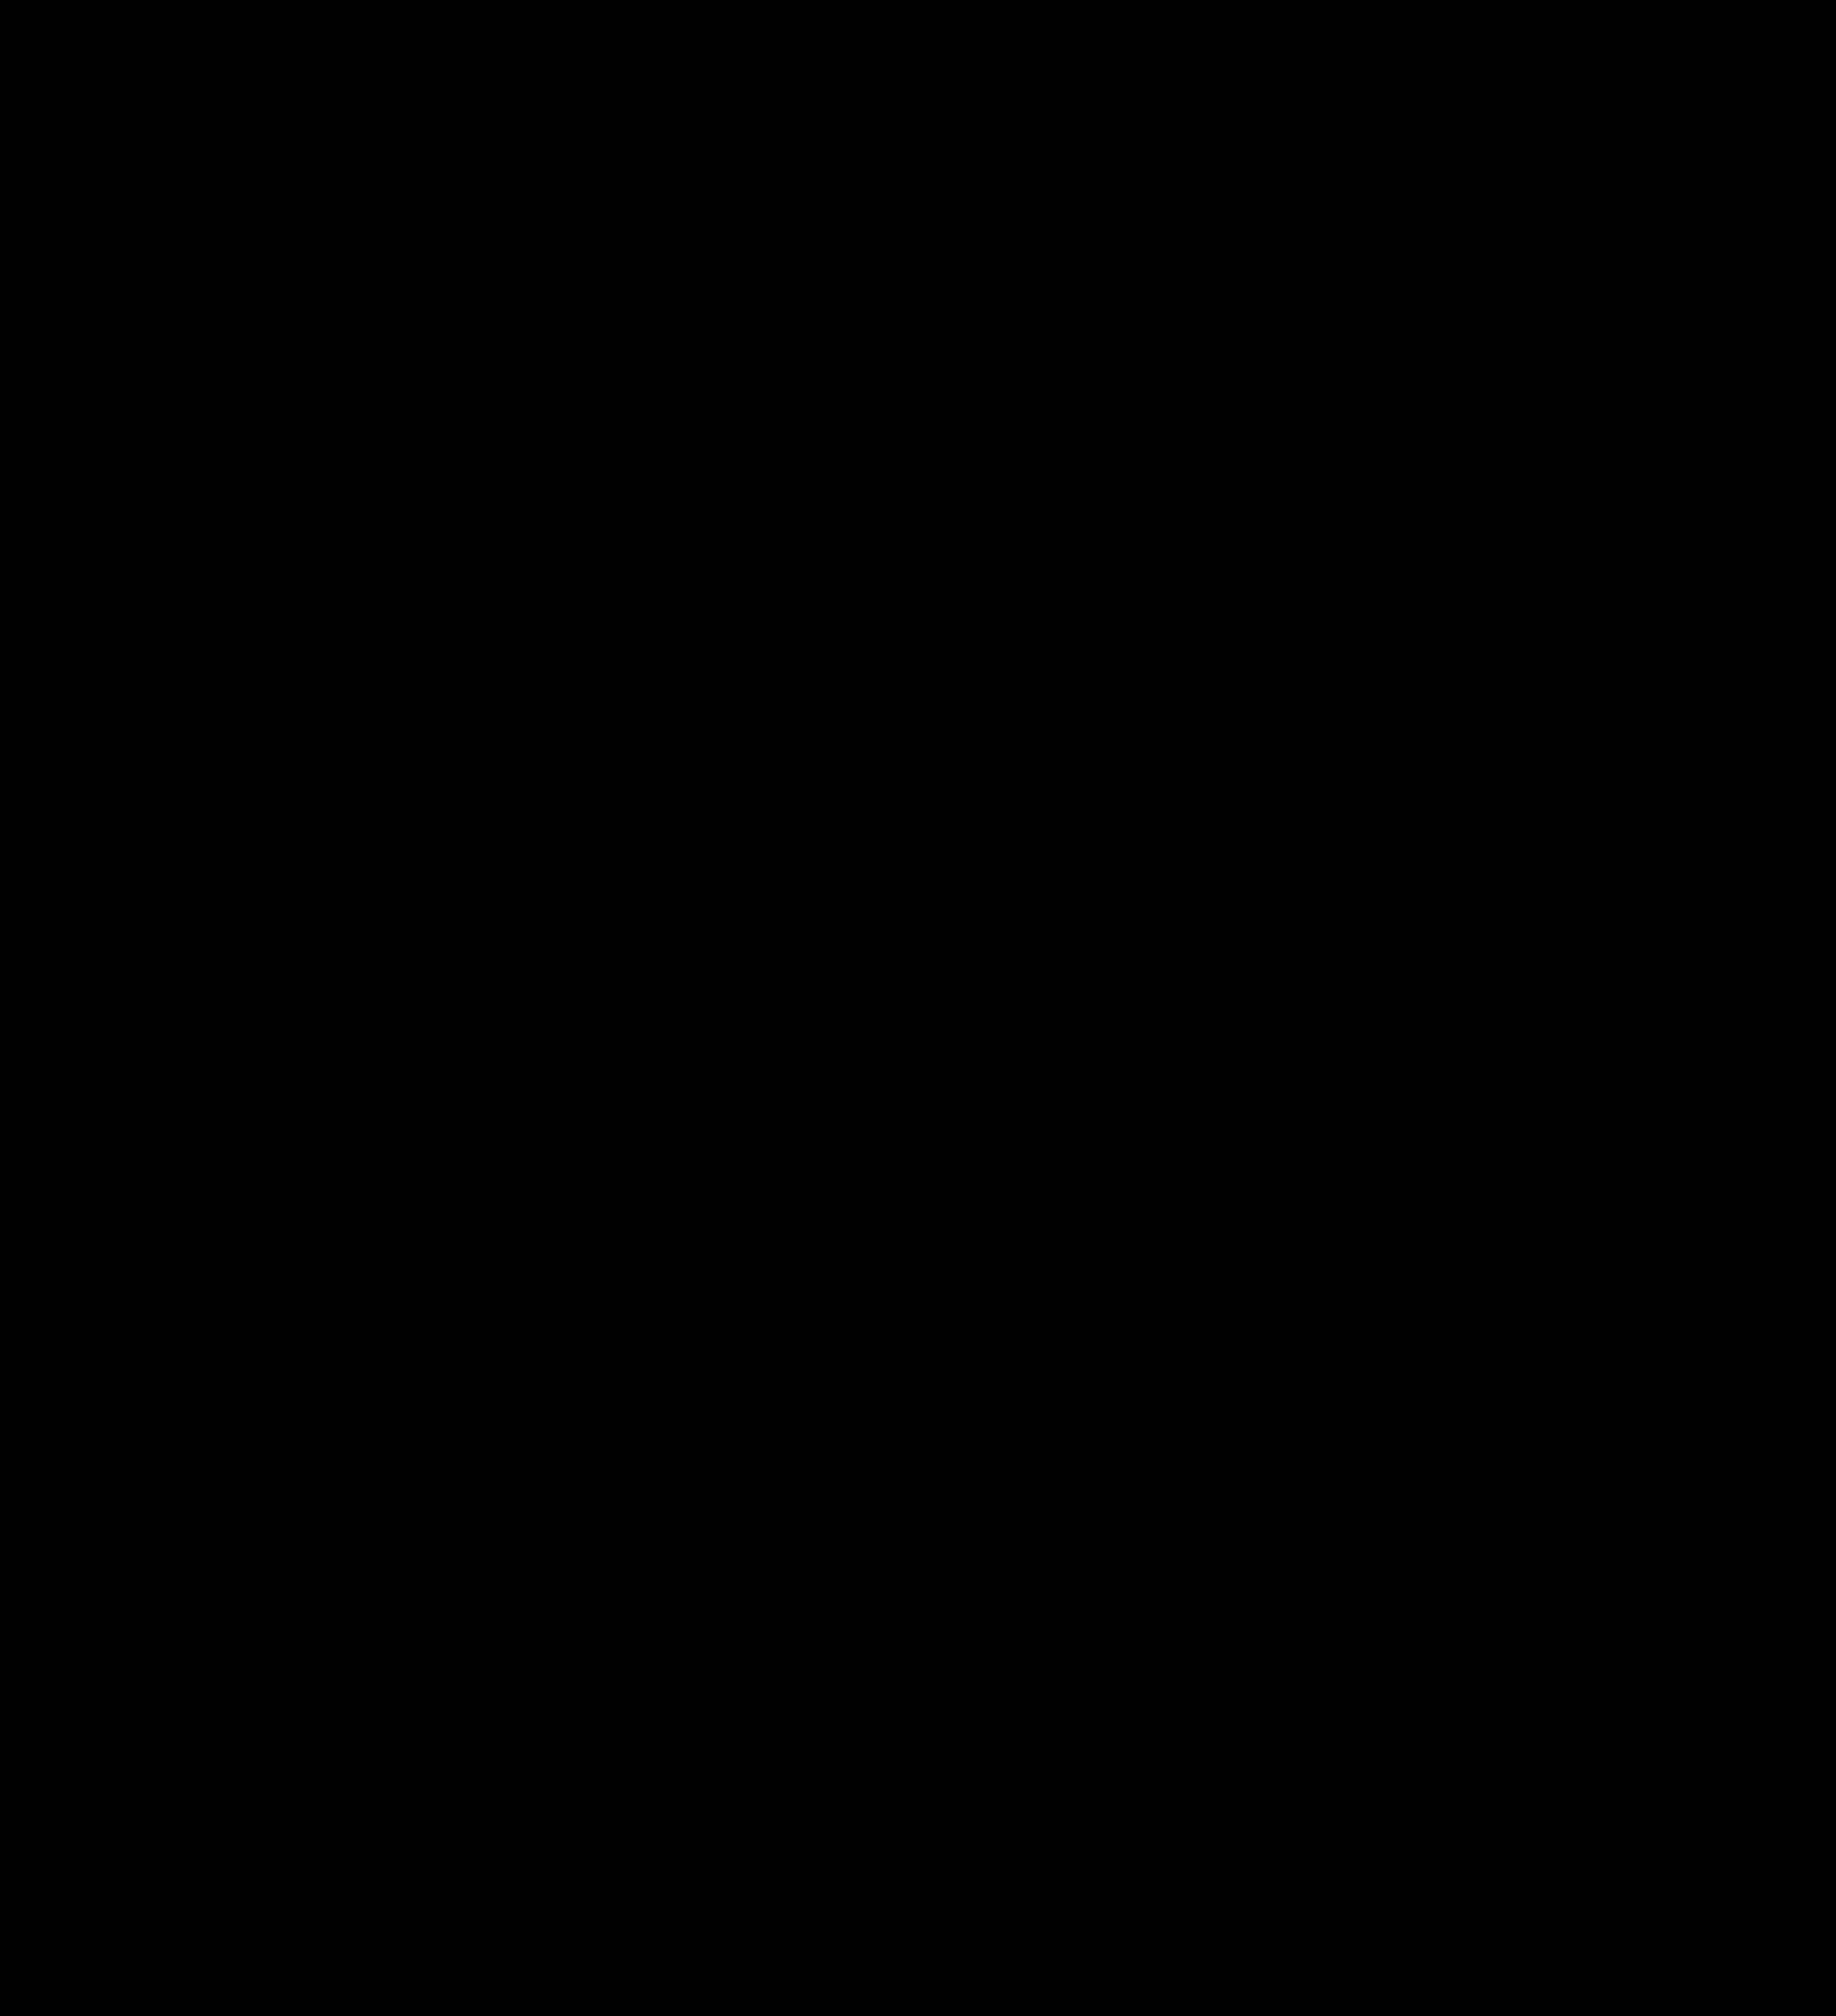 Скорпион PNG